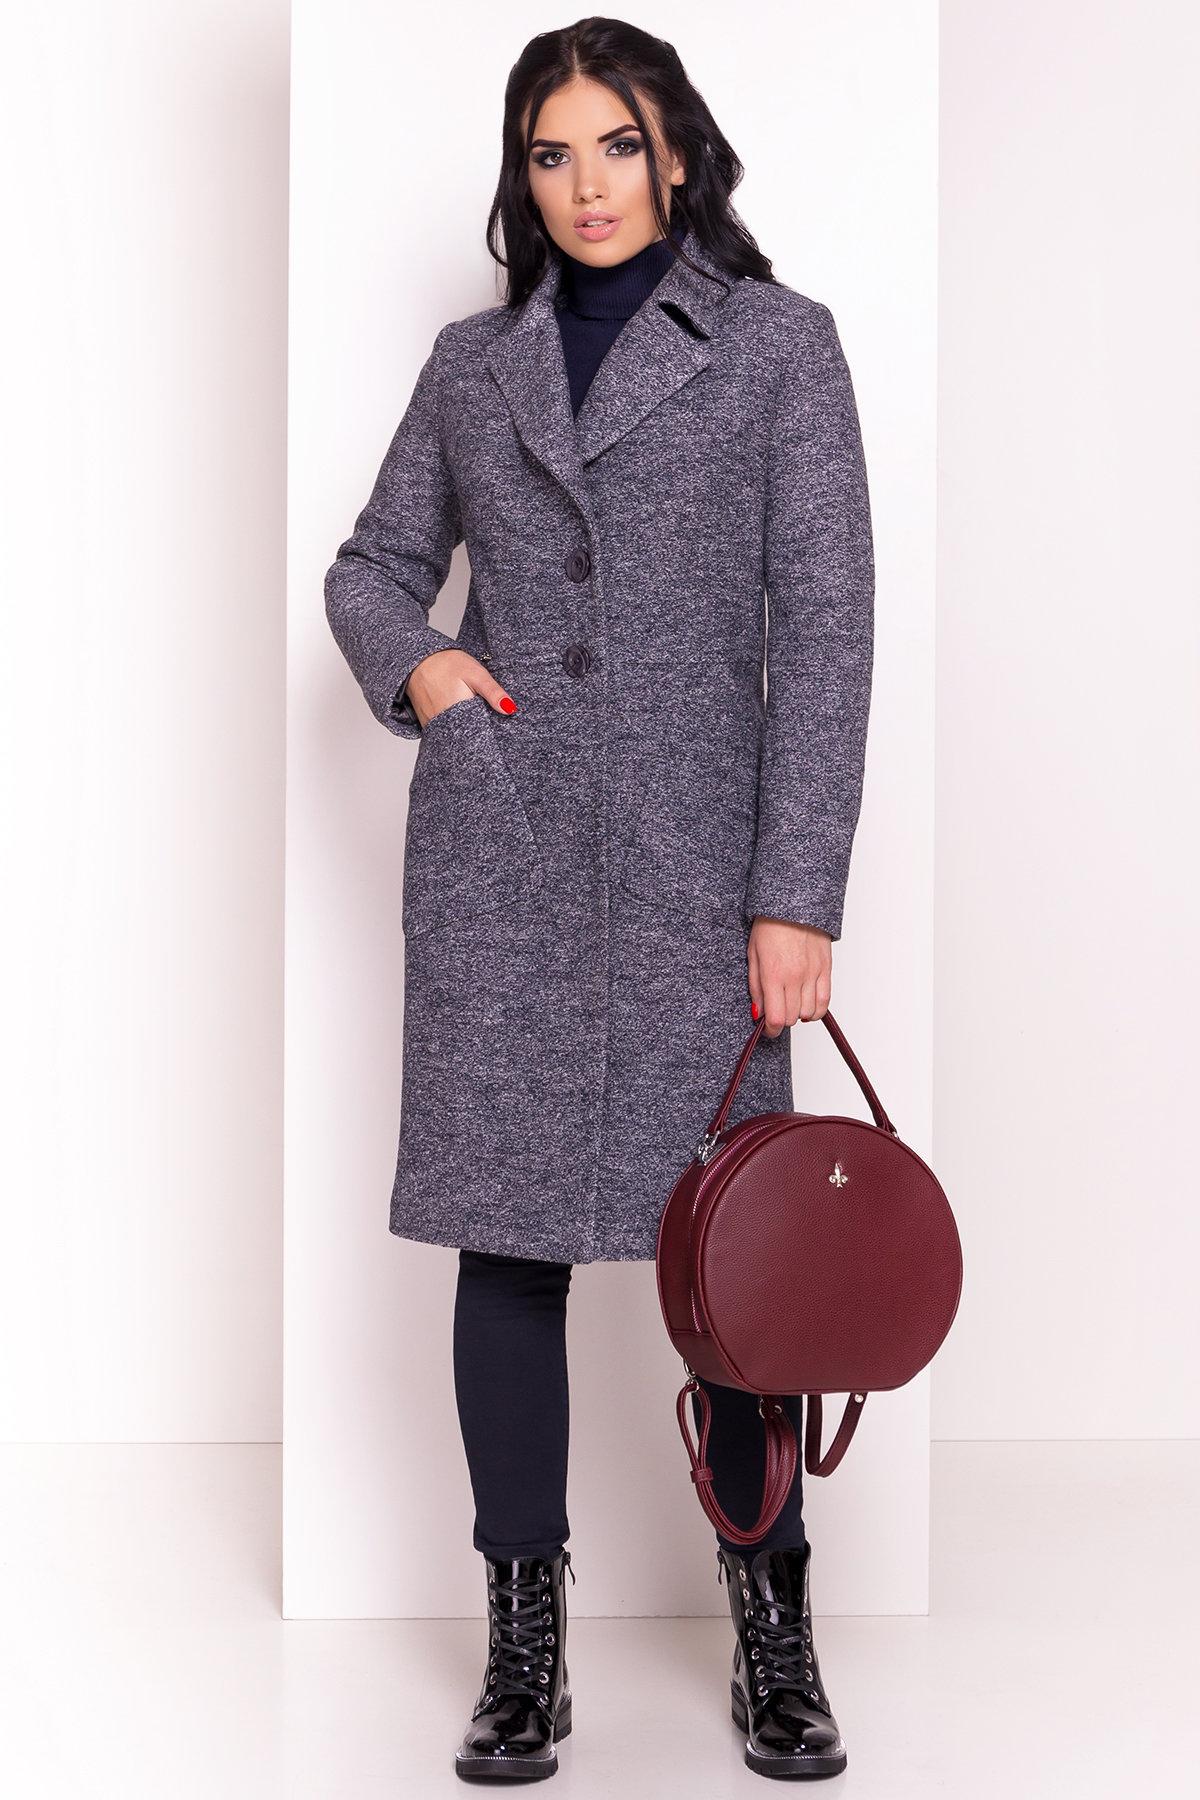 Пальто Габриэлла 4224 АРТ. 20835 Цвет: Серый темный LW-22 - фото 2, интернет магазин tm-modus.ru